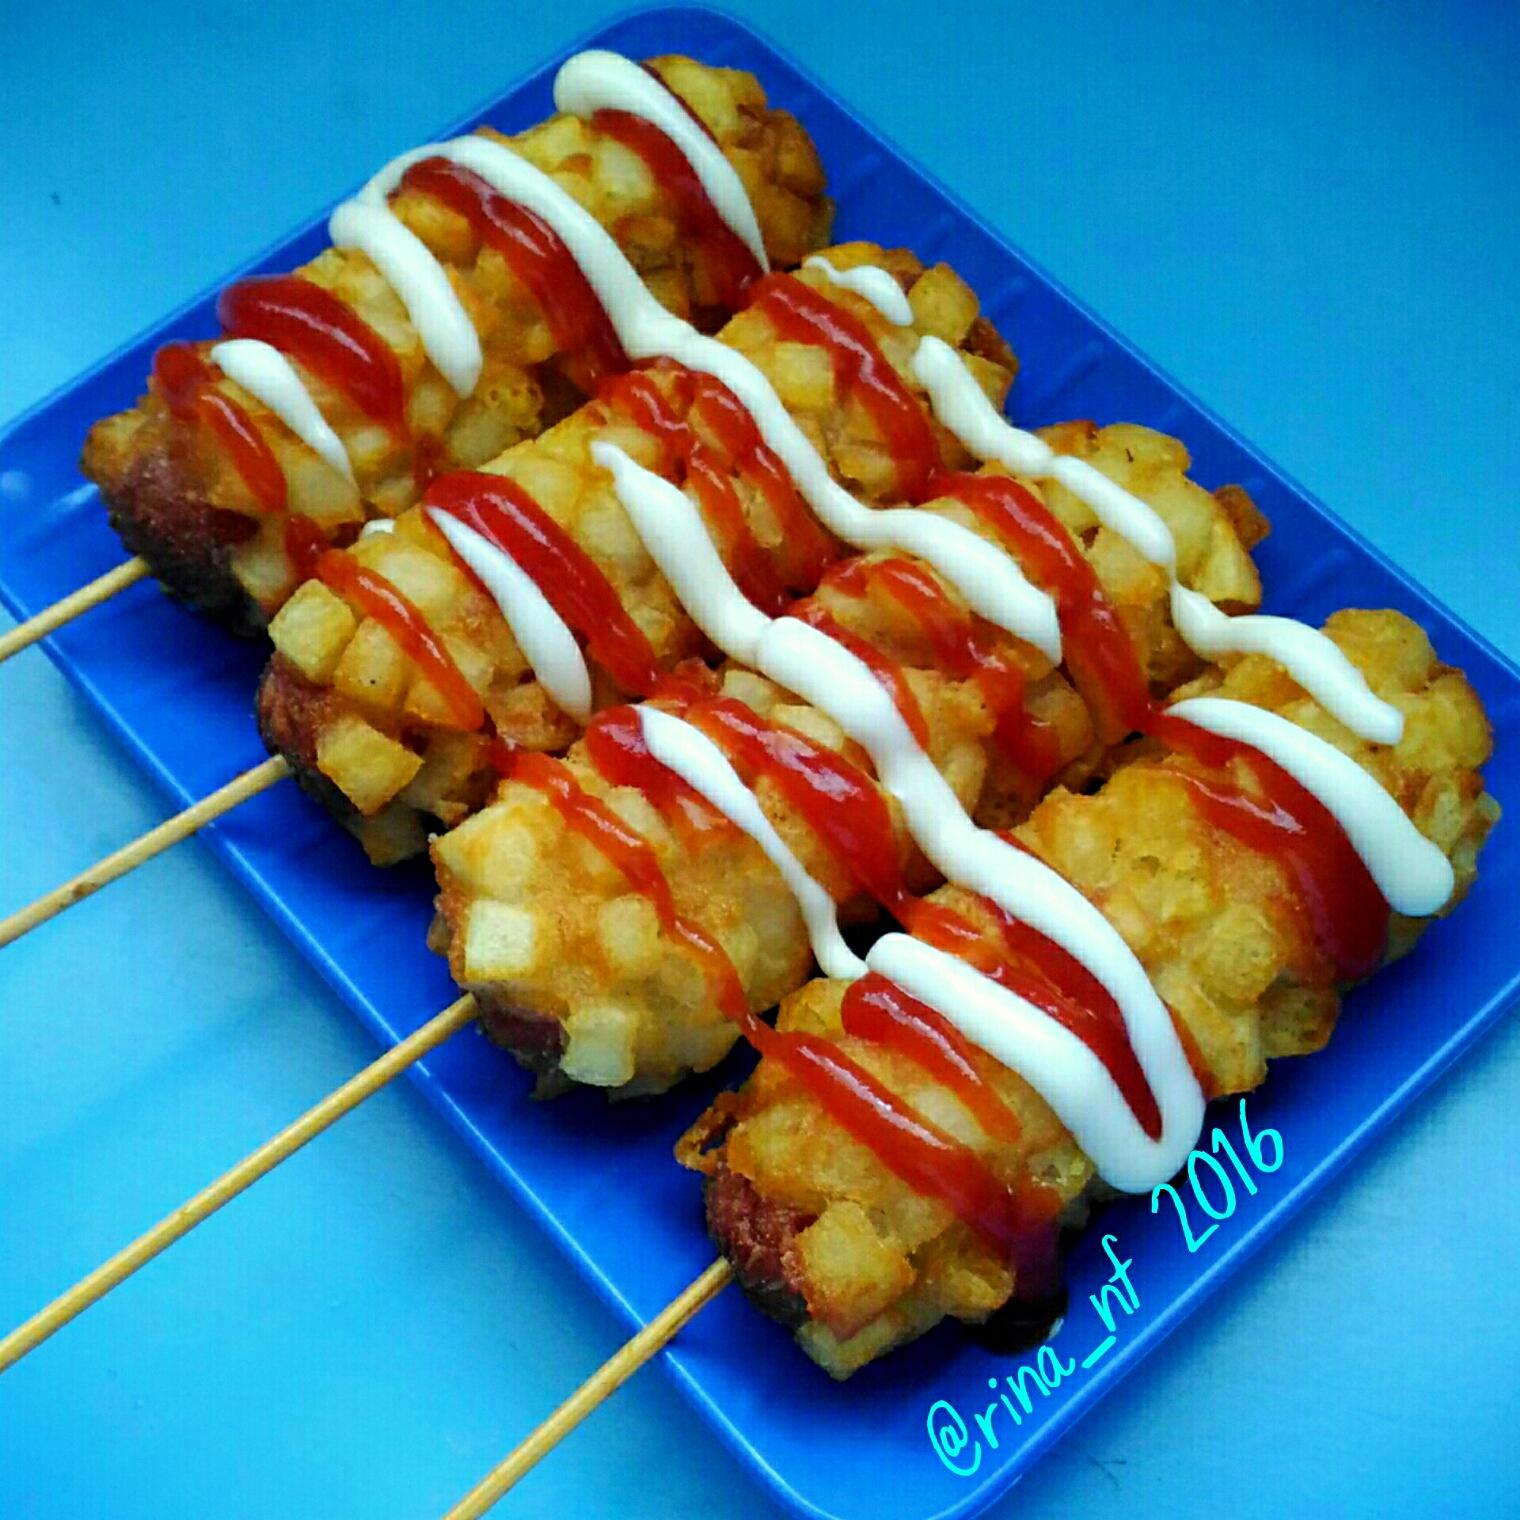 Tokkebi Hotdog Kentang Happy Mommy